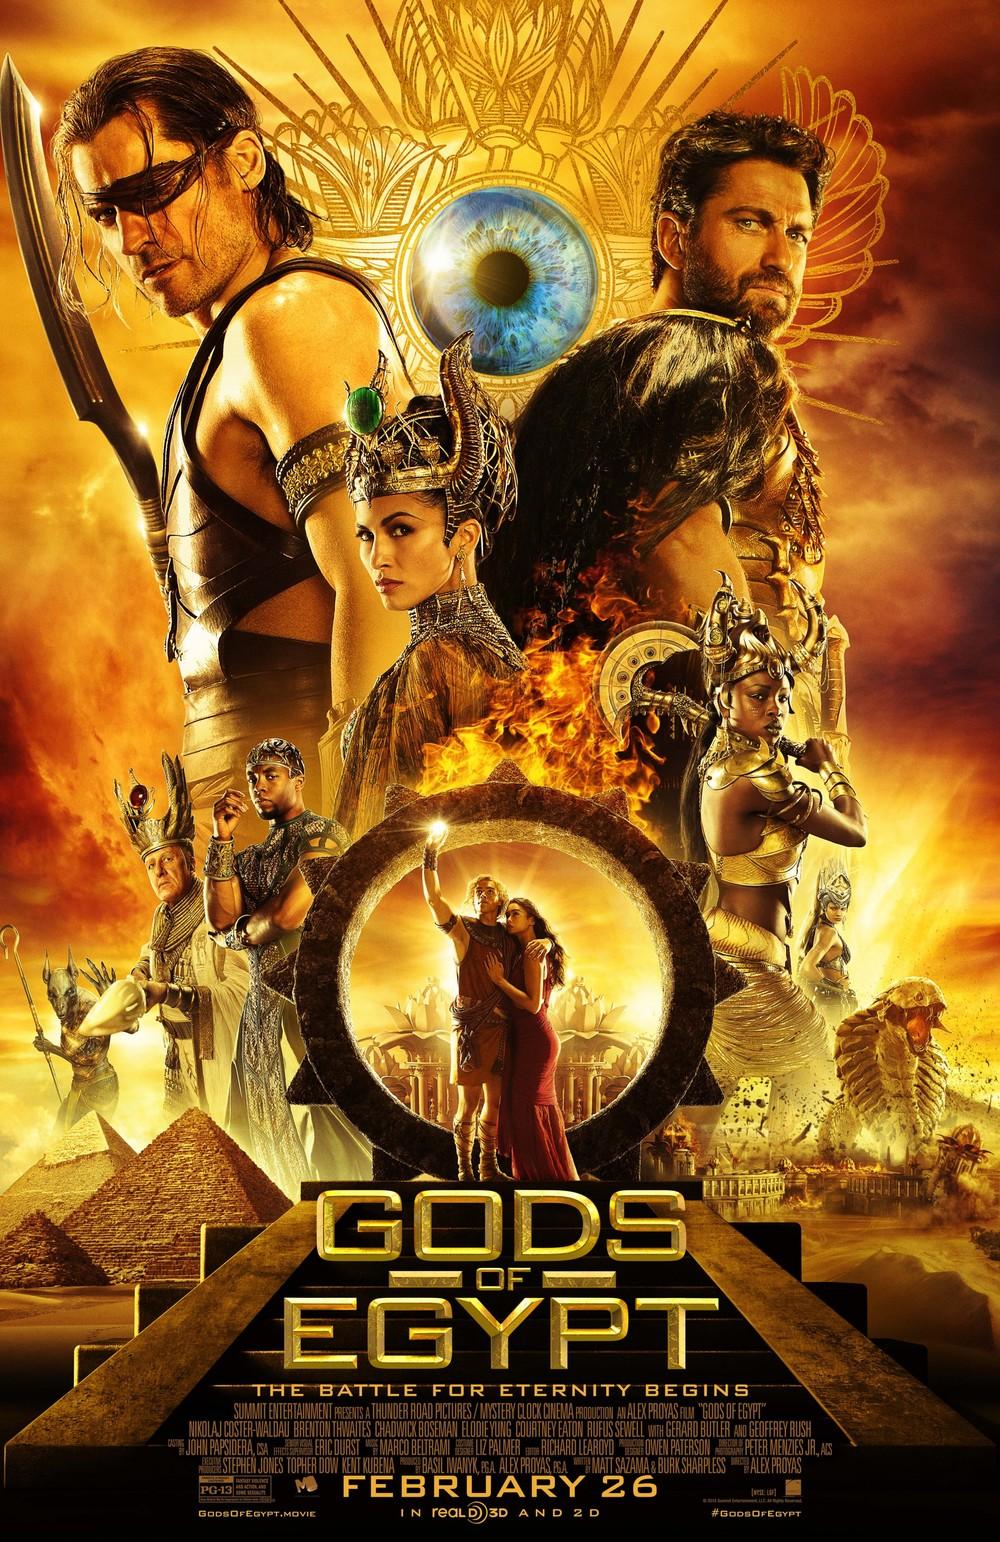 боги египта киноафиша чебоксары можно сказать, что